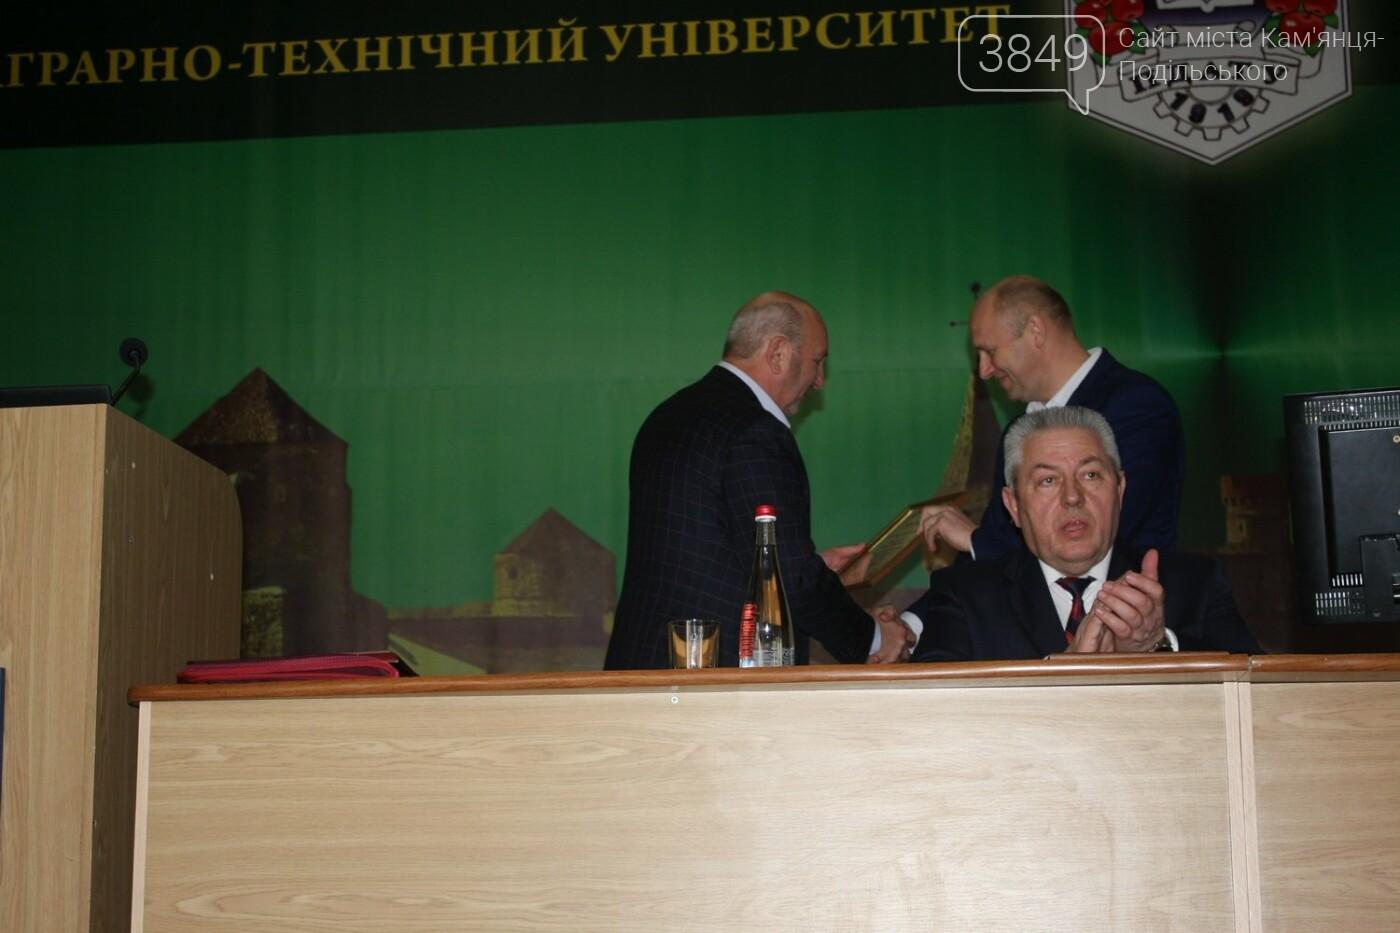 Подільський державний аграрно-технічний університет отримав нагороду «Золотий символ якості національних товарів та послуг», фото-6